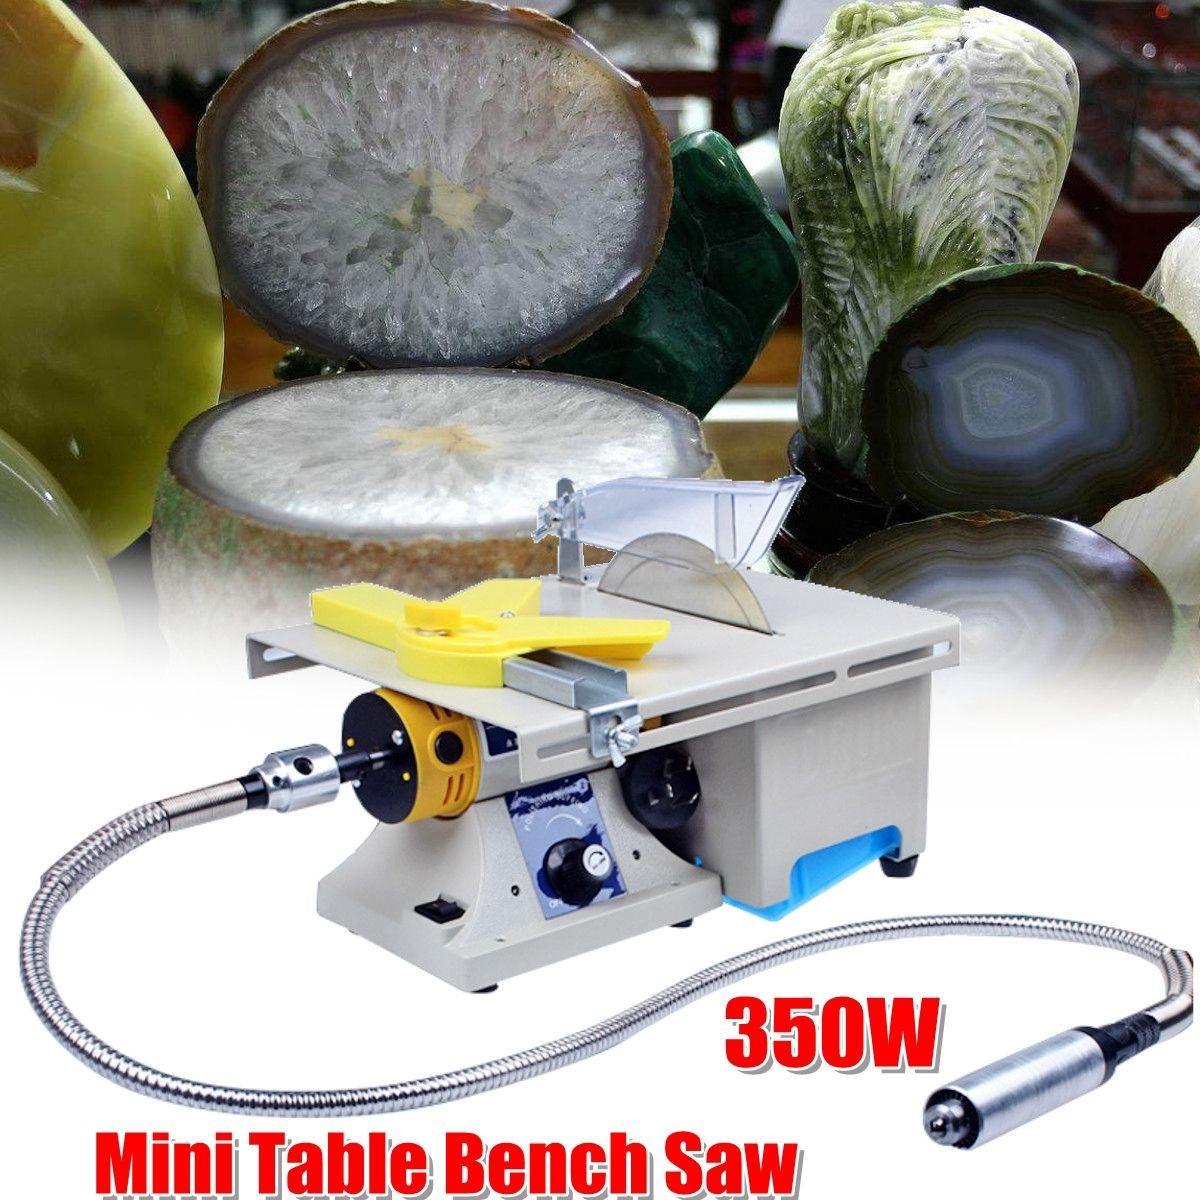 350 watt Mini Tisch Bank Sah Elektrische Schleifen Gravur Maschine Jade Holz Stein Polieren Für Bodhi Elfenbein Carving Polierer